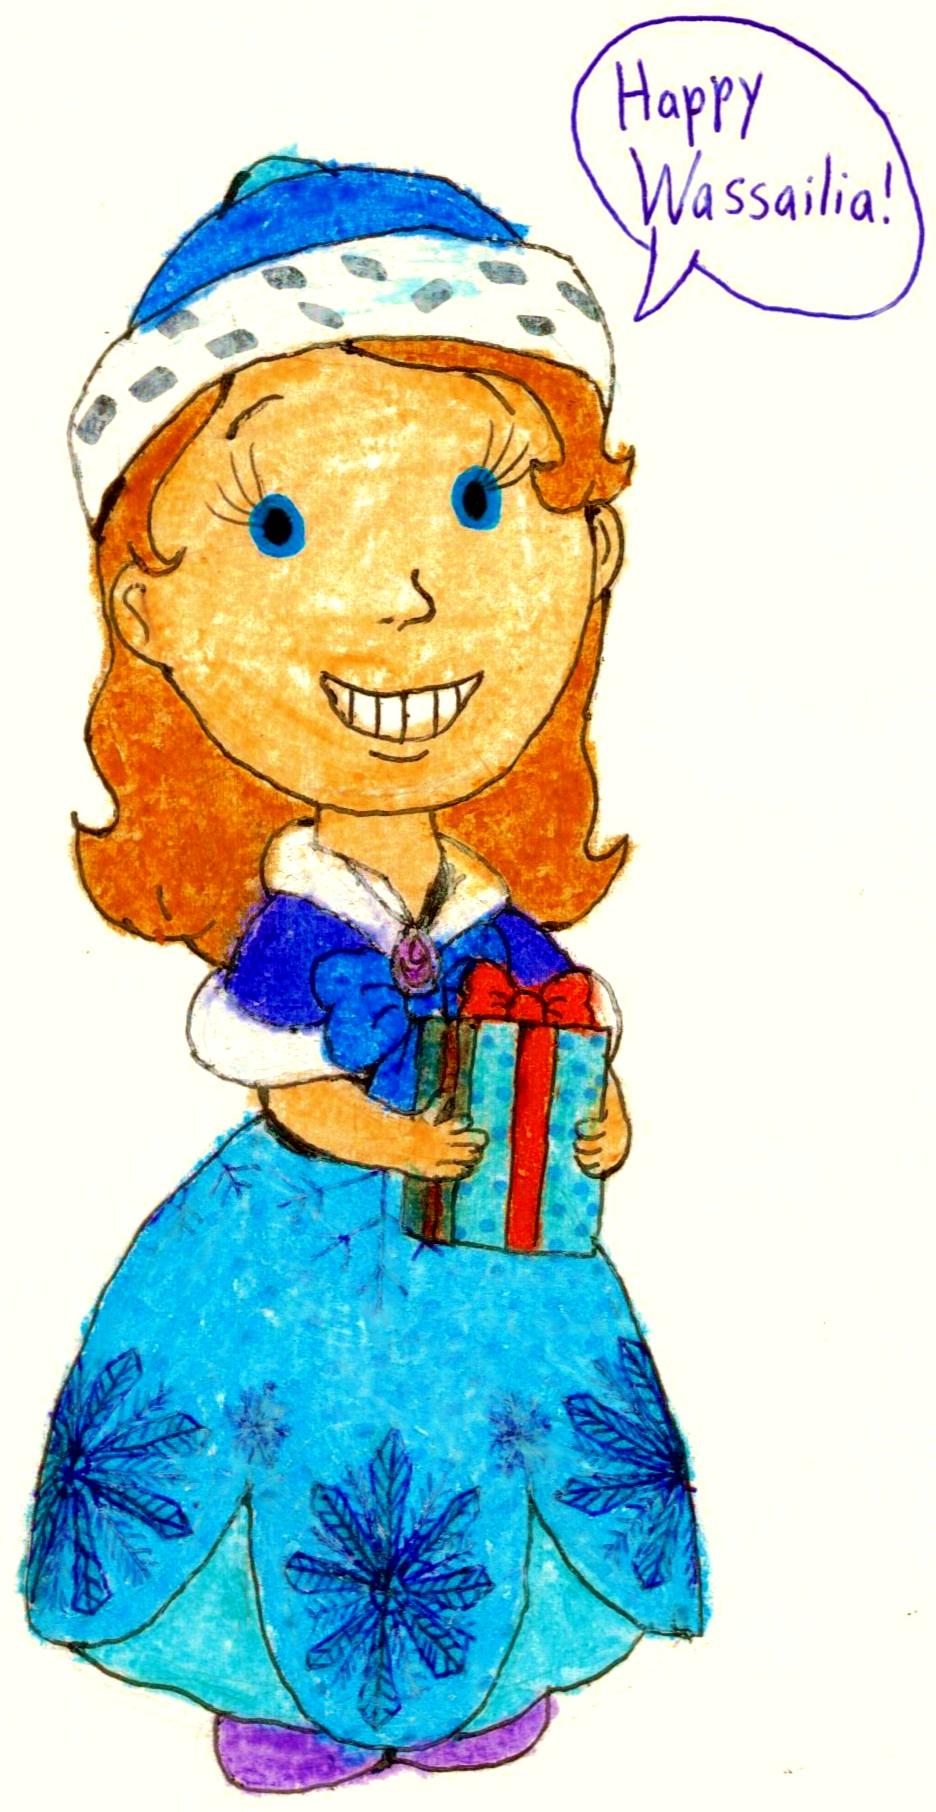 936x1812 Happy Wassailia Love, Princess Sofia By Bestbarneyfan